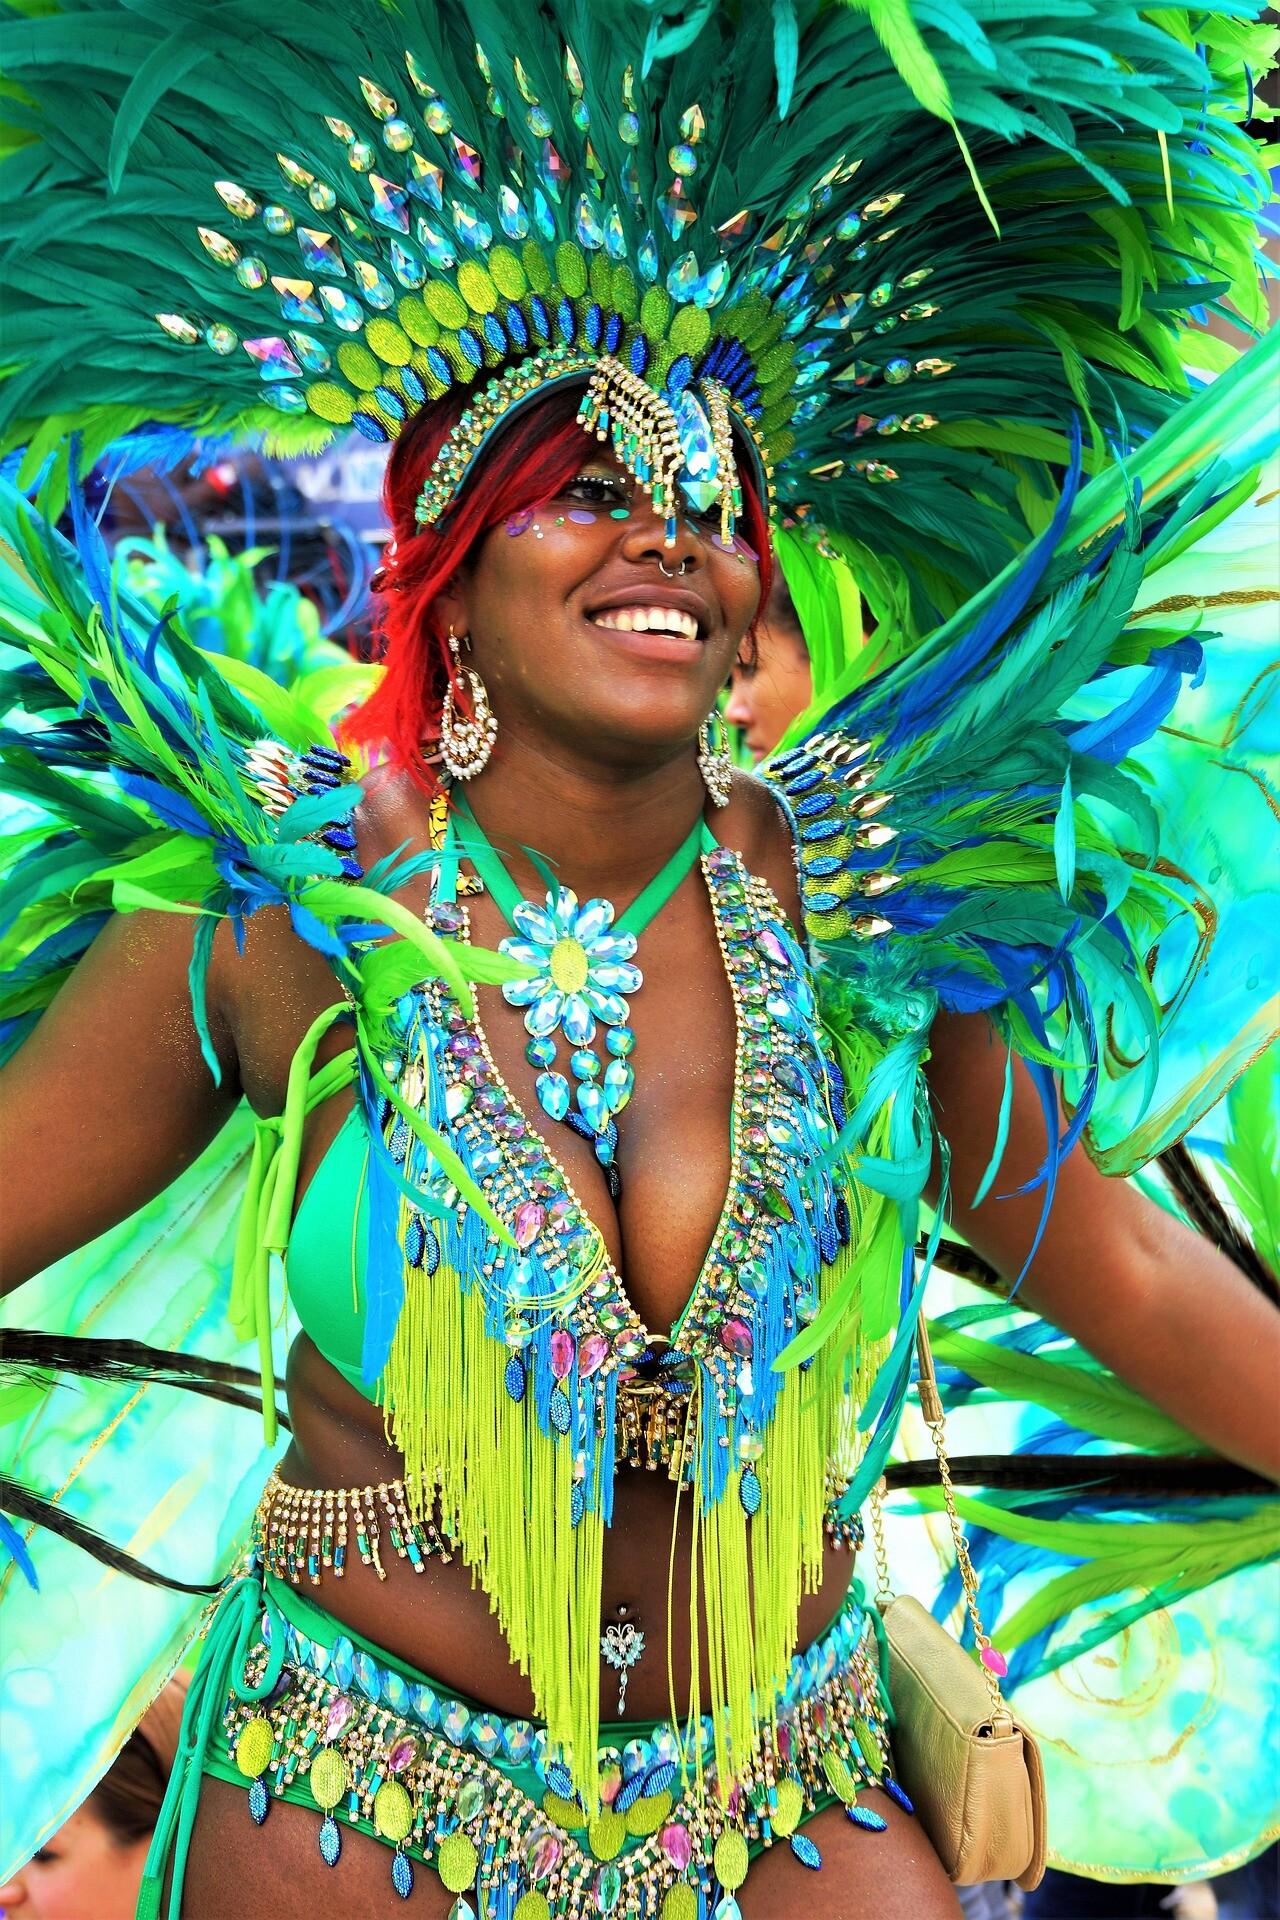 Festivales en Londres - Calendario de fiestas y celebraciones